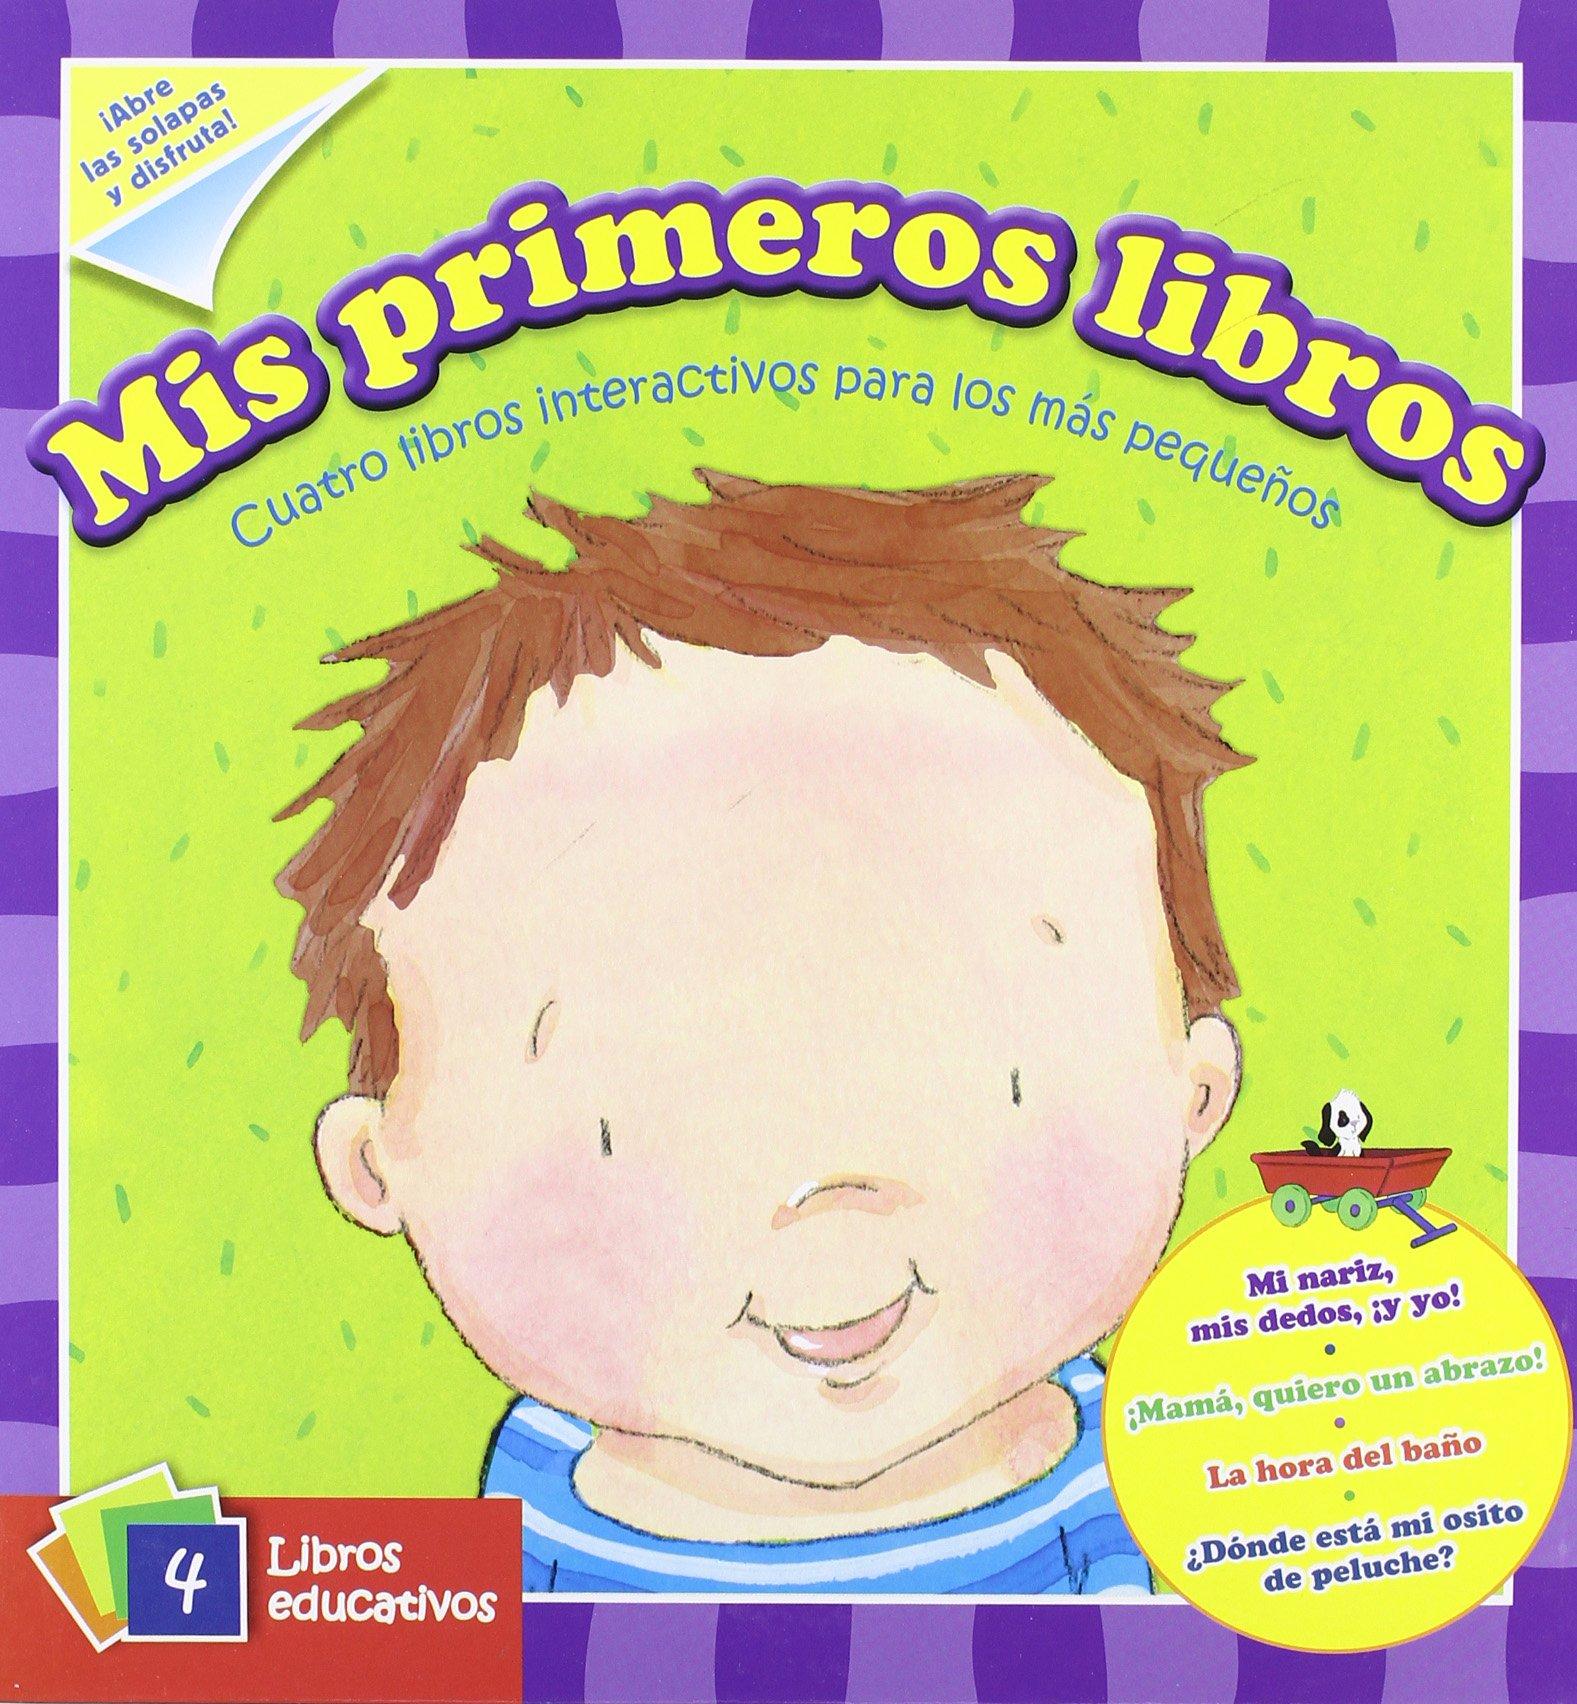 Mis primeros libros. Cuatro libros interactivos para los más pequeños: VV.AA.: 9788428535489: Amazon.com: Books